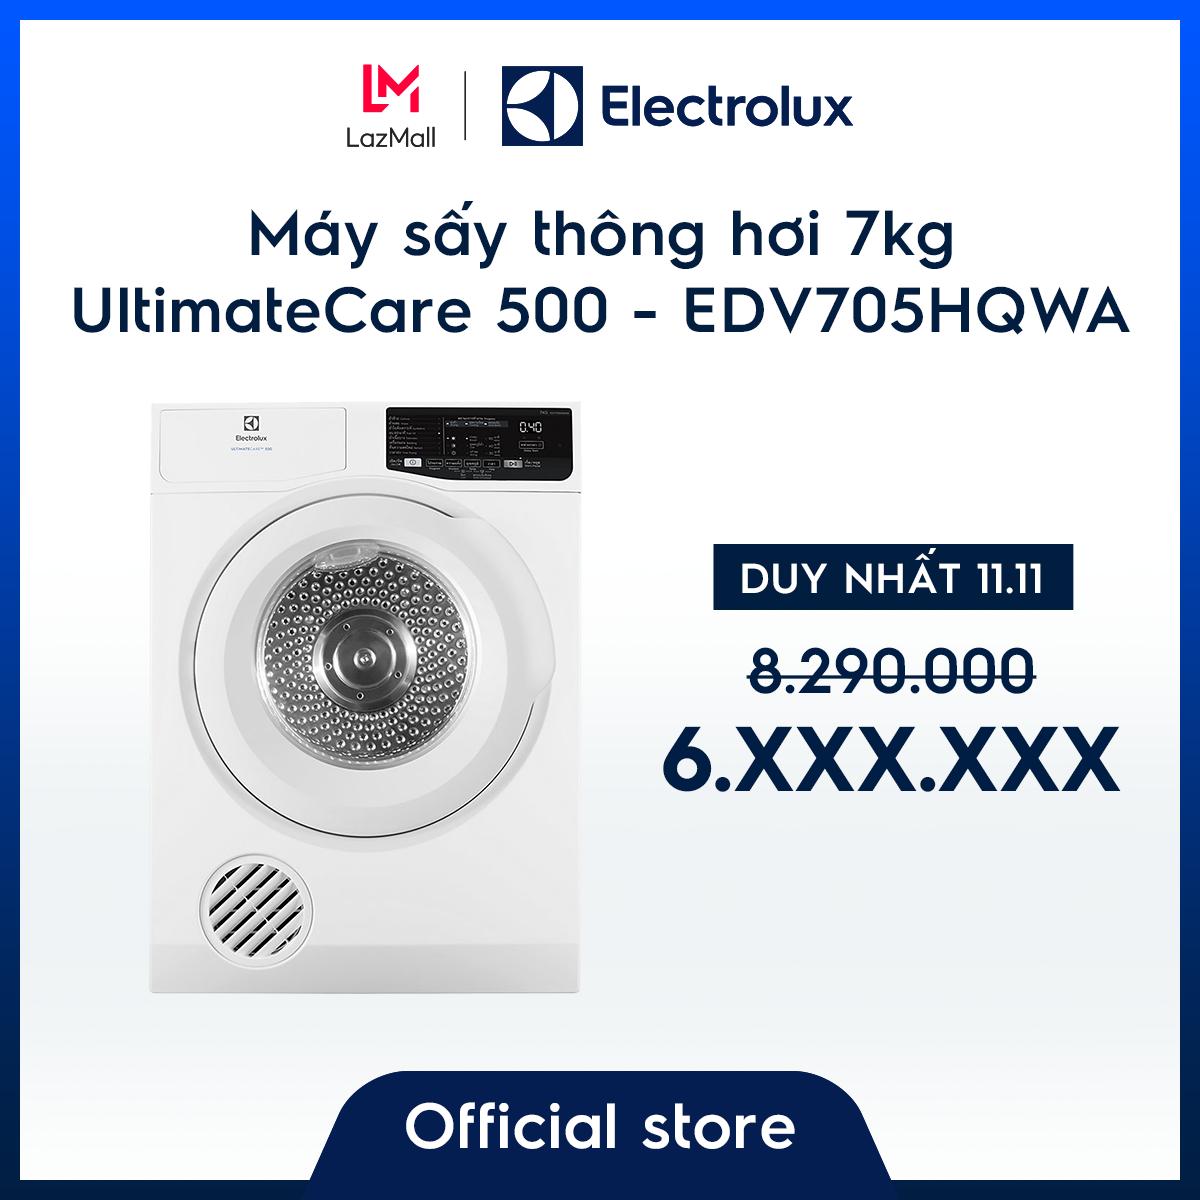 [Miễn phí công lắp đặt – Giao hàng HCM & HN] Máy sấy thông hơi Electrolux 7kg UltimateCare 500 EDV705HQWA – Màu Trắng –